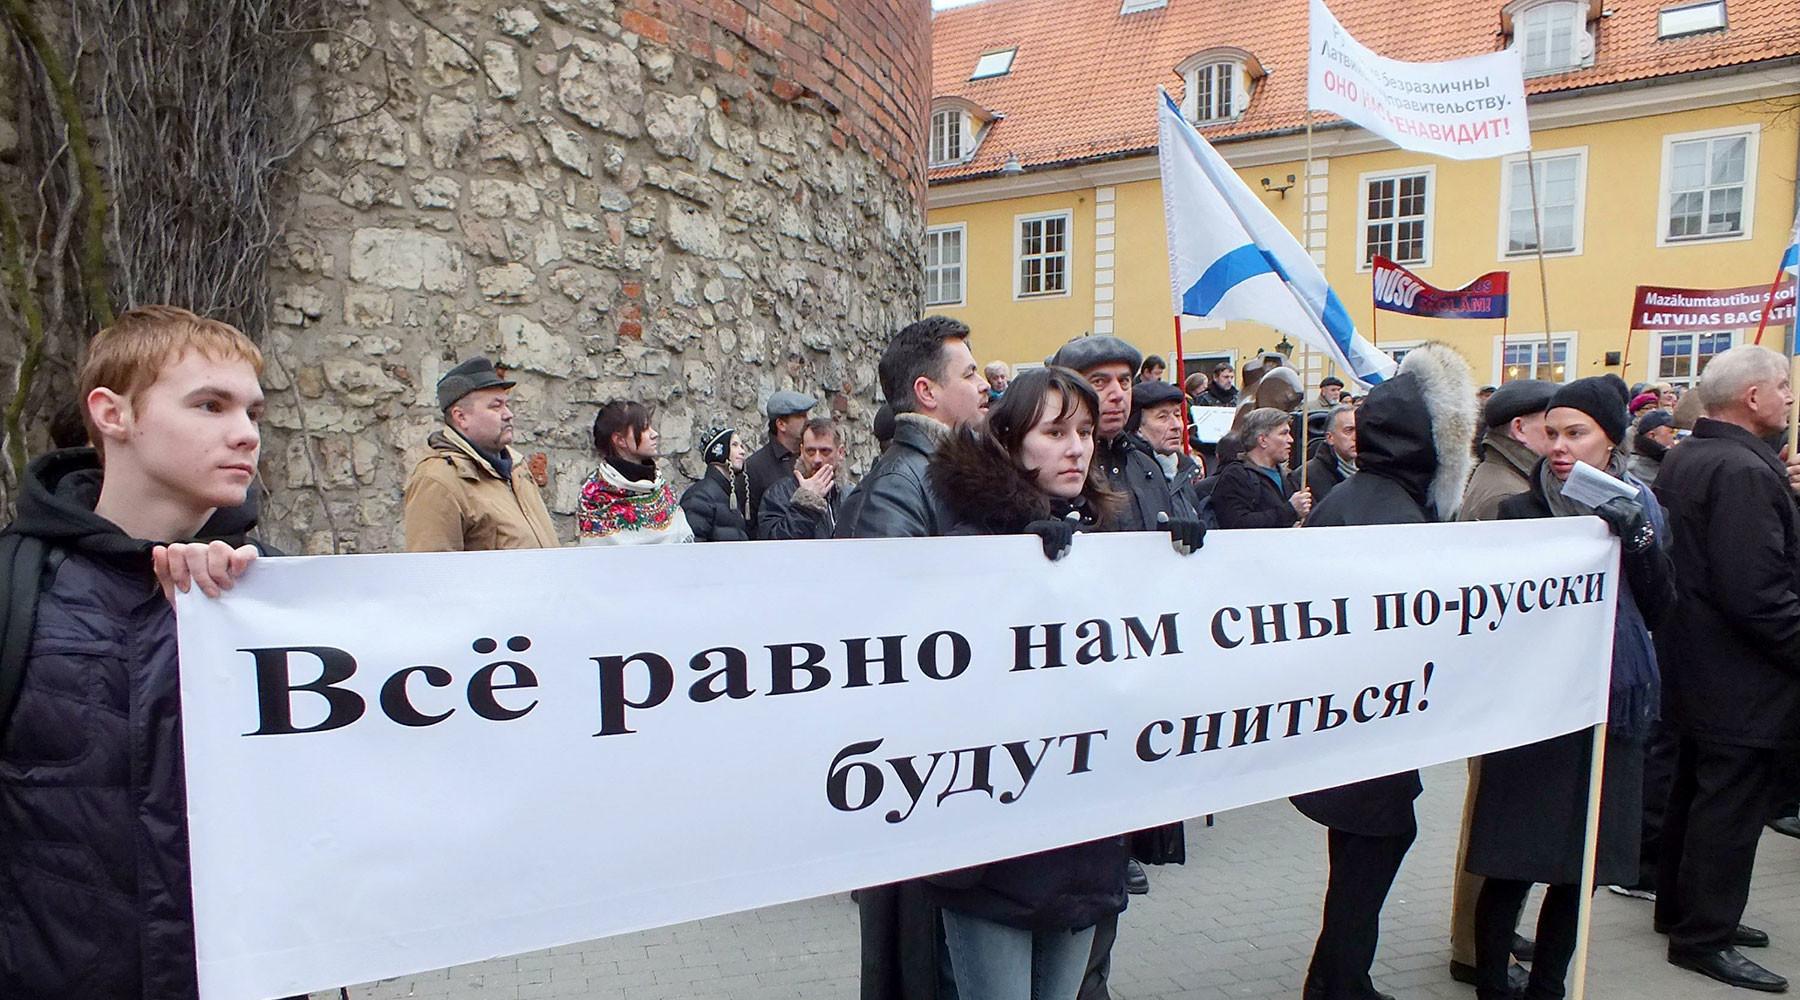 Картинки по запросу русофобия в латвии